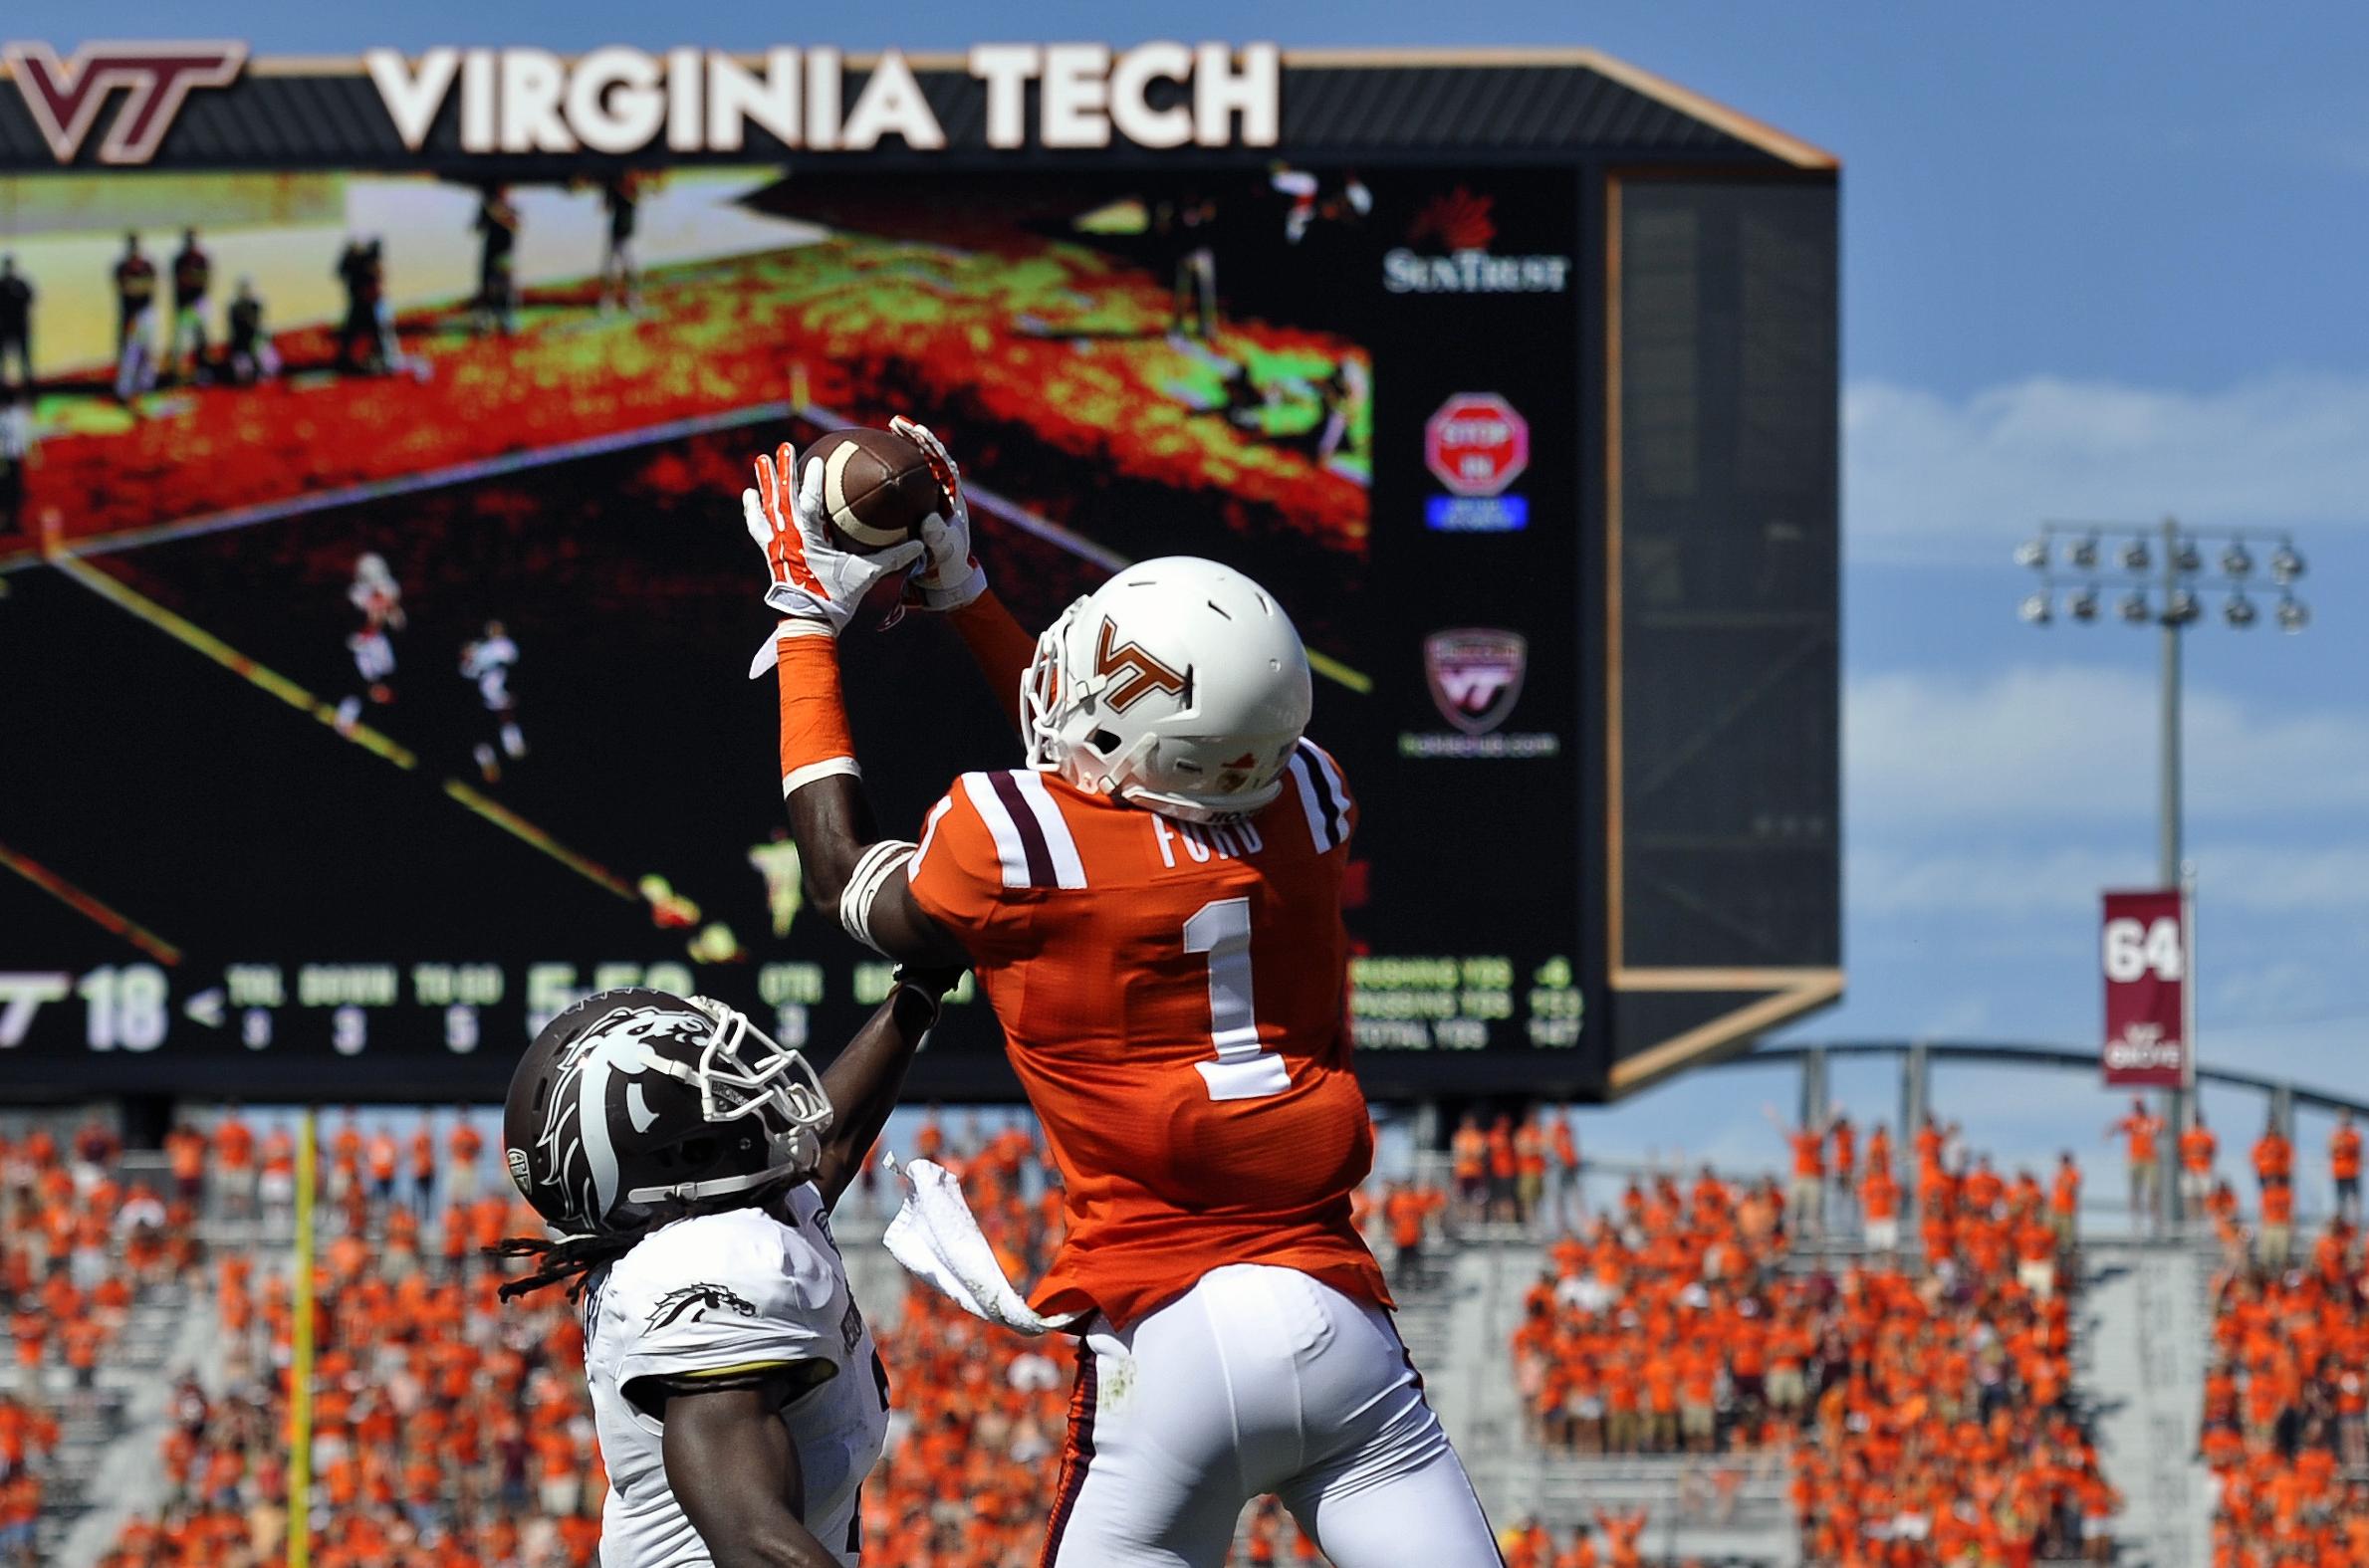 virginia tech football - photo #41